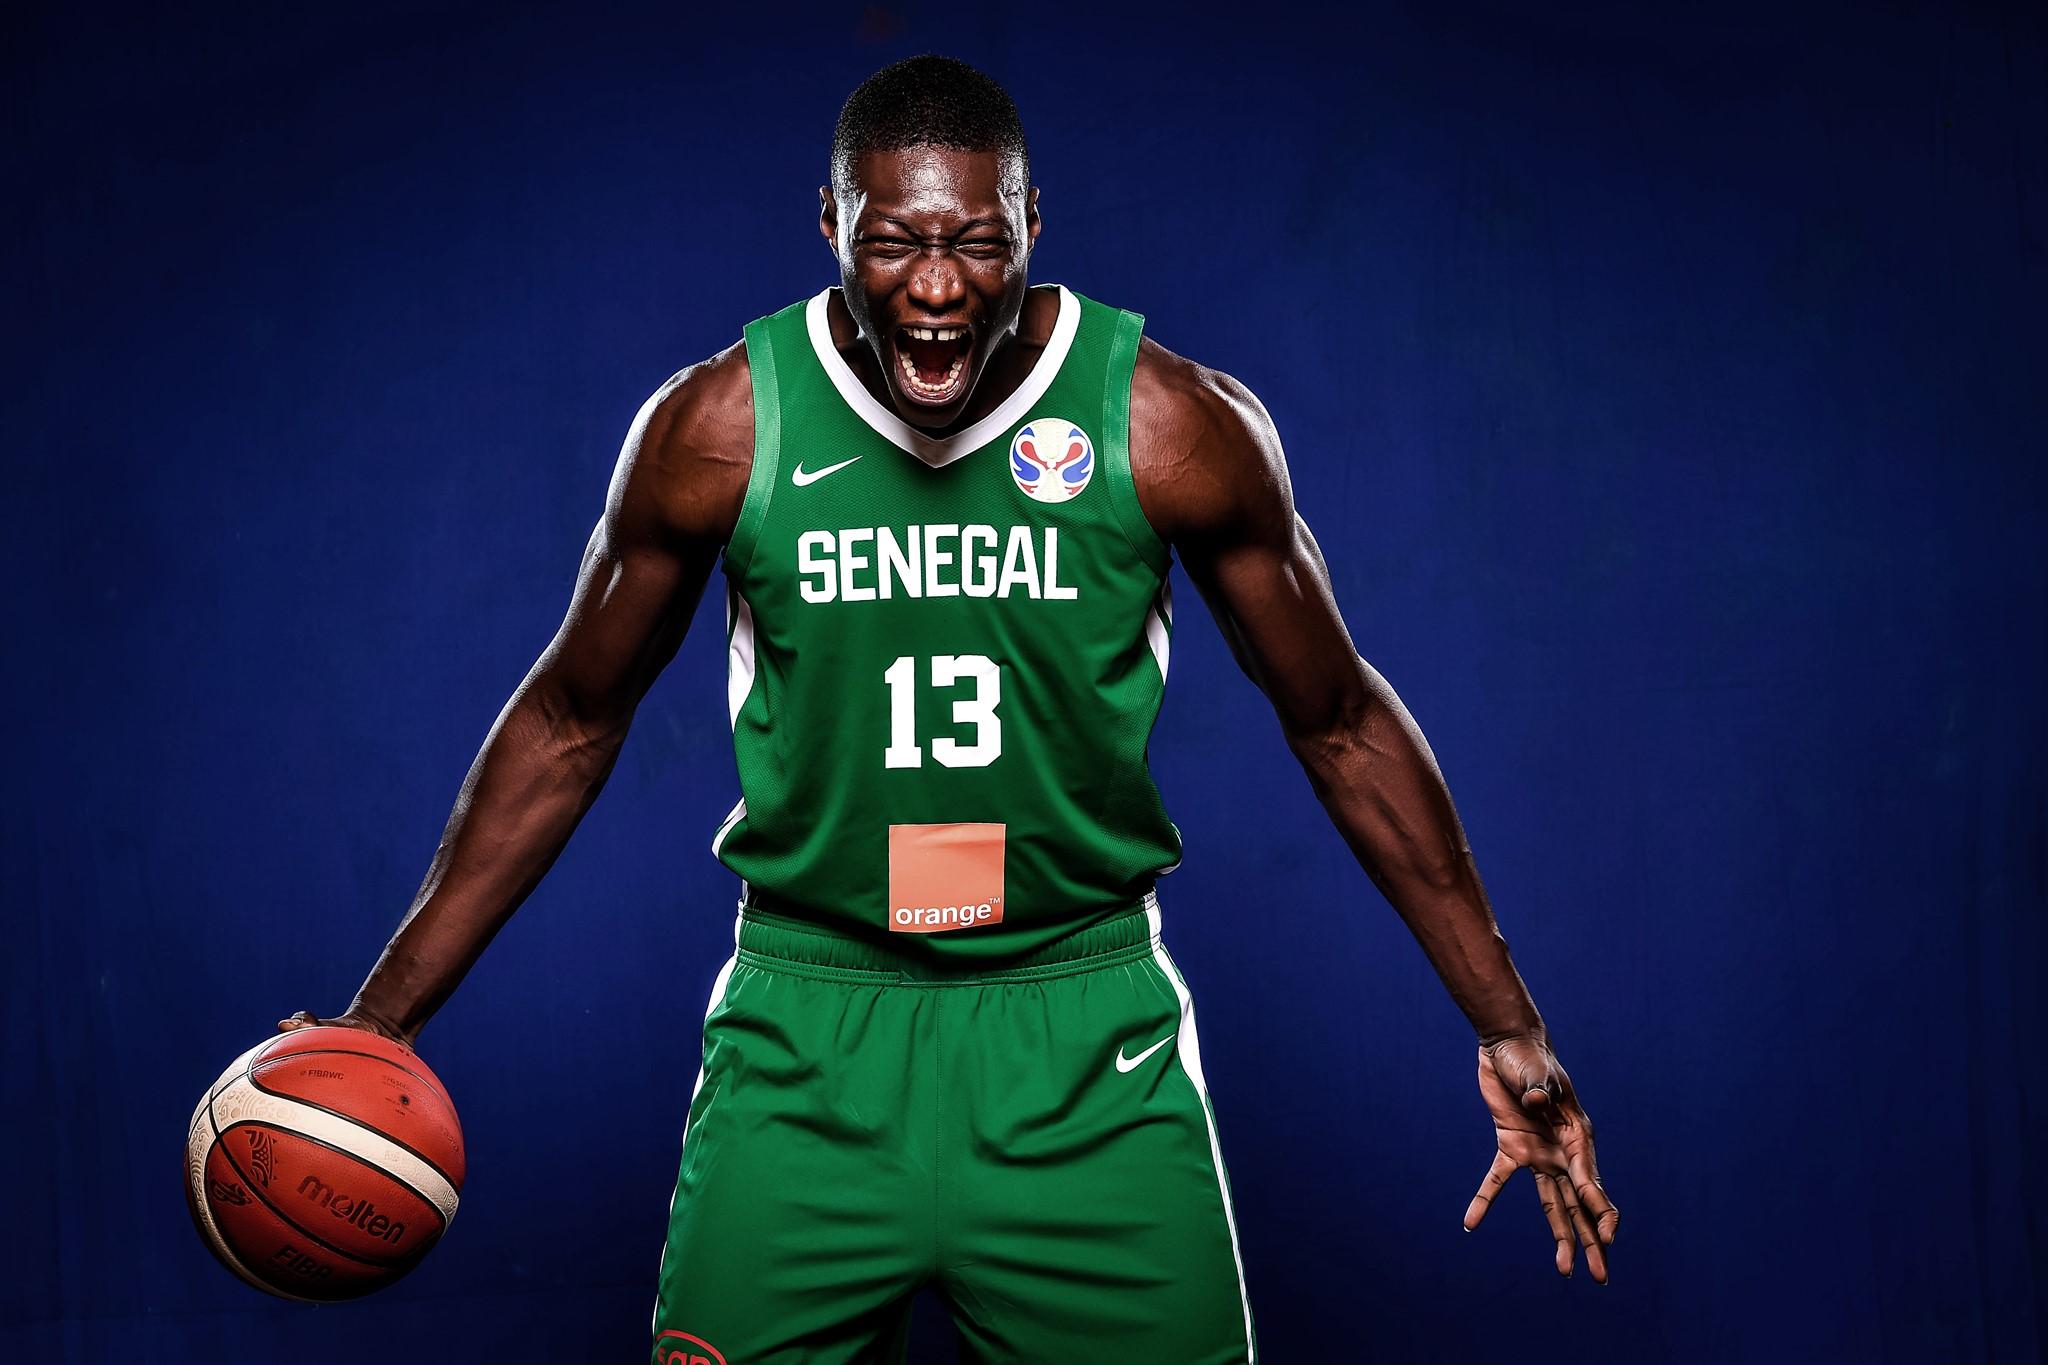 69352615 2559343937442689 5663027139847389184 o - Mondial 2019: Les lions du Basket en mode Shooting (08 Photos)